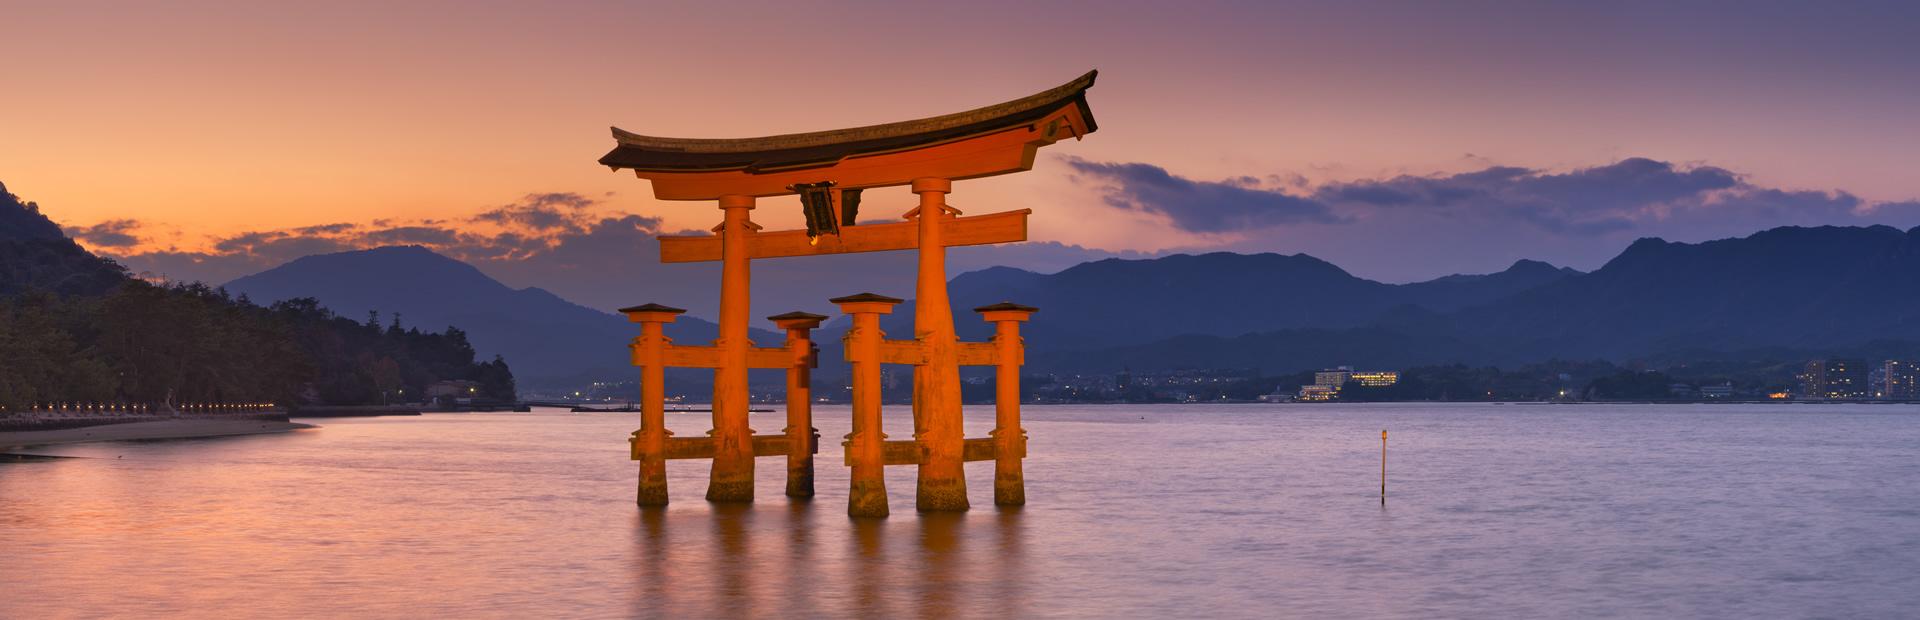 Japanese Shrine at Miyajima